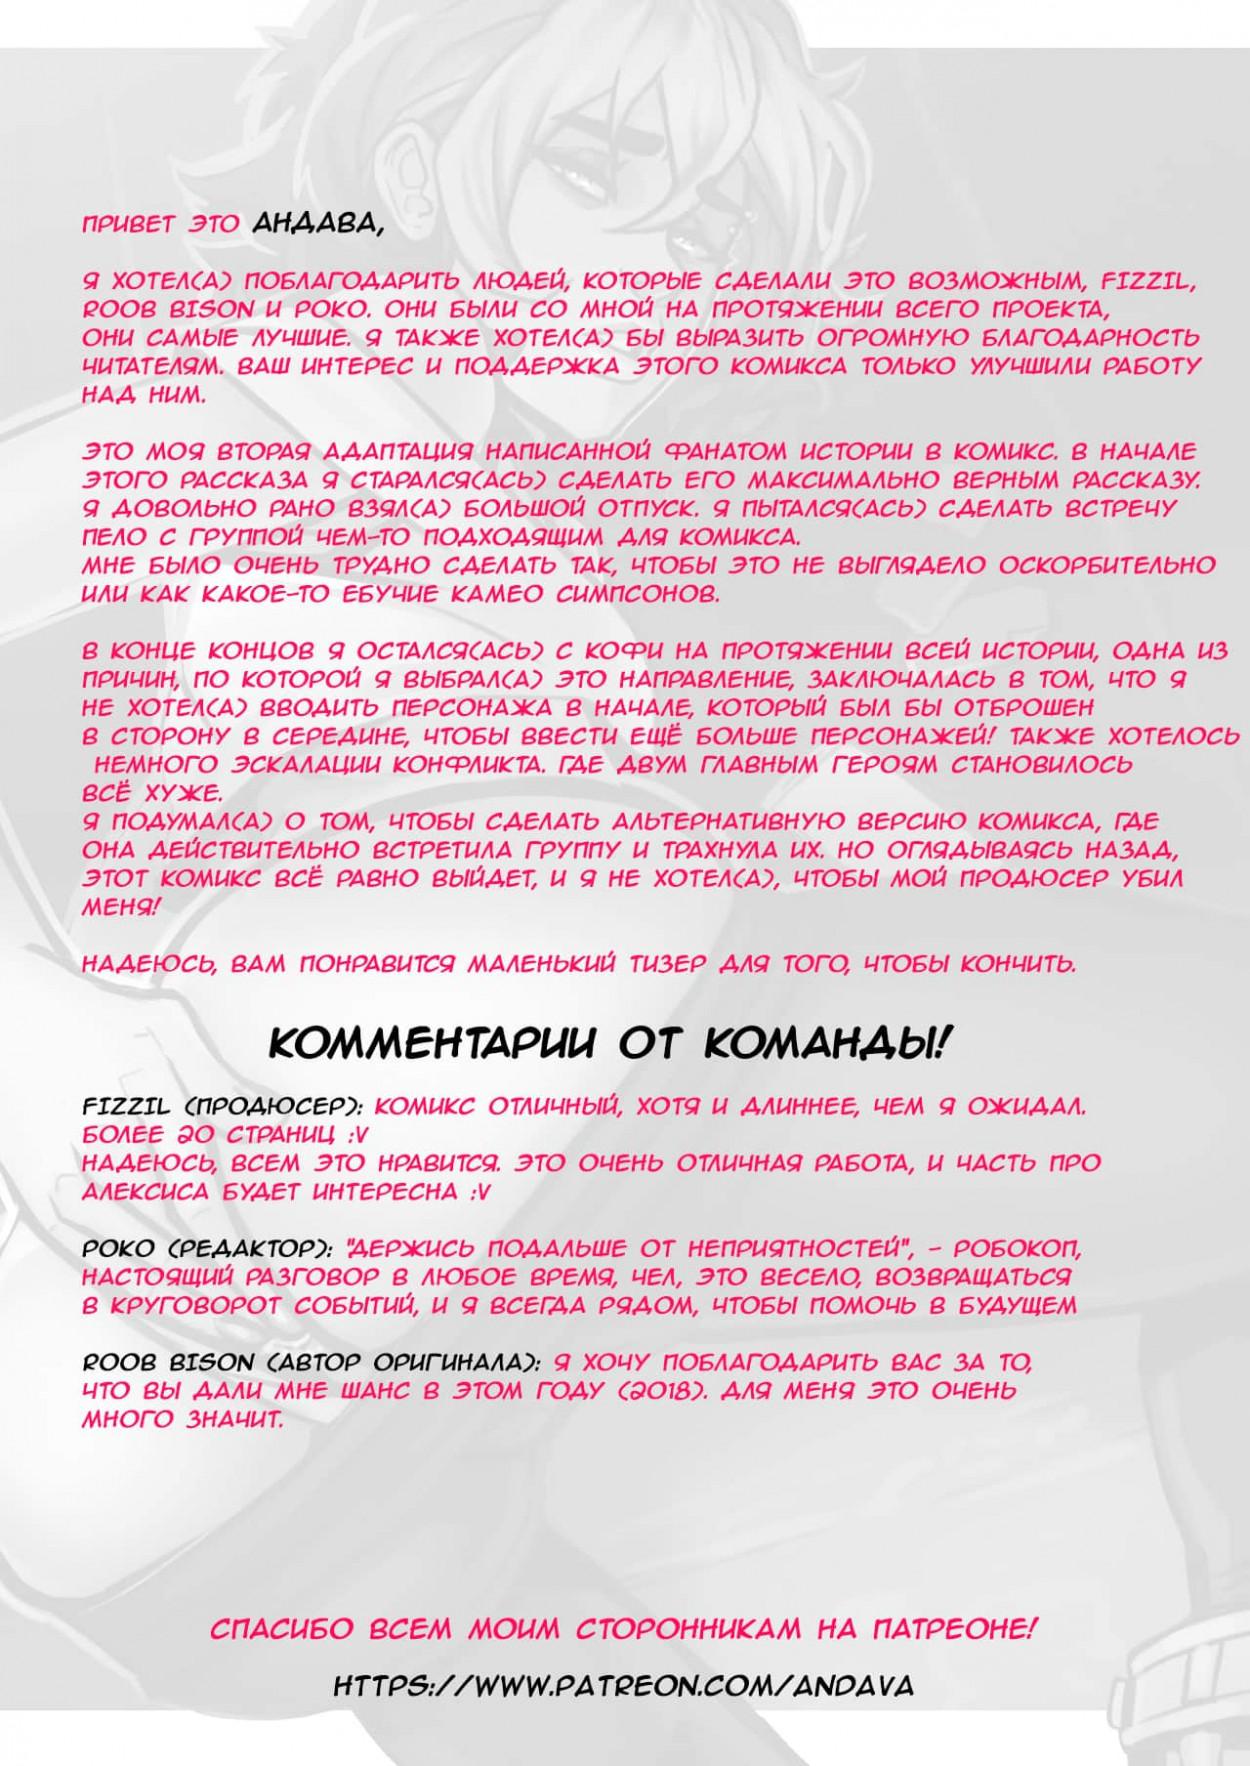 Чёрный ход - порно комиксы Анал, Без цензуры, Большие члены, Брюнетки, Измена, Минет